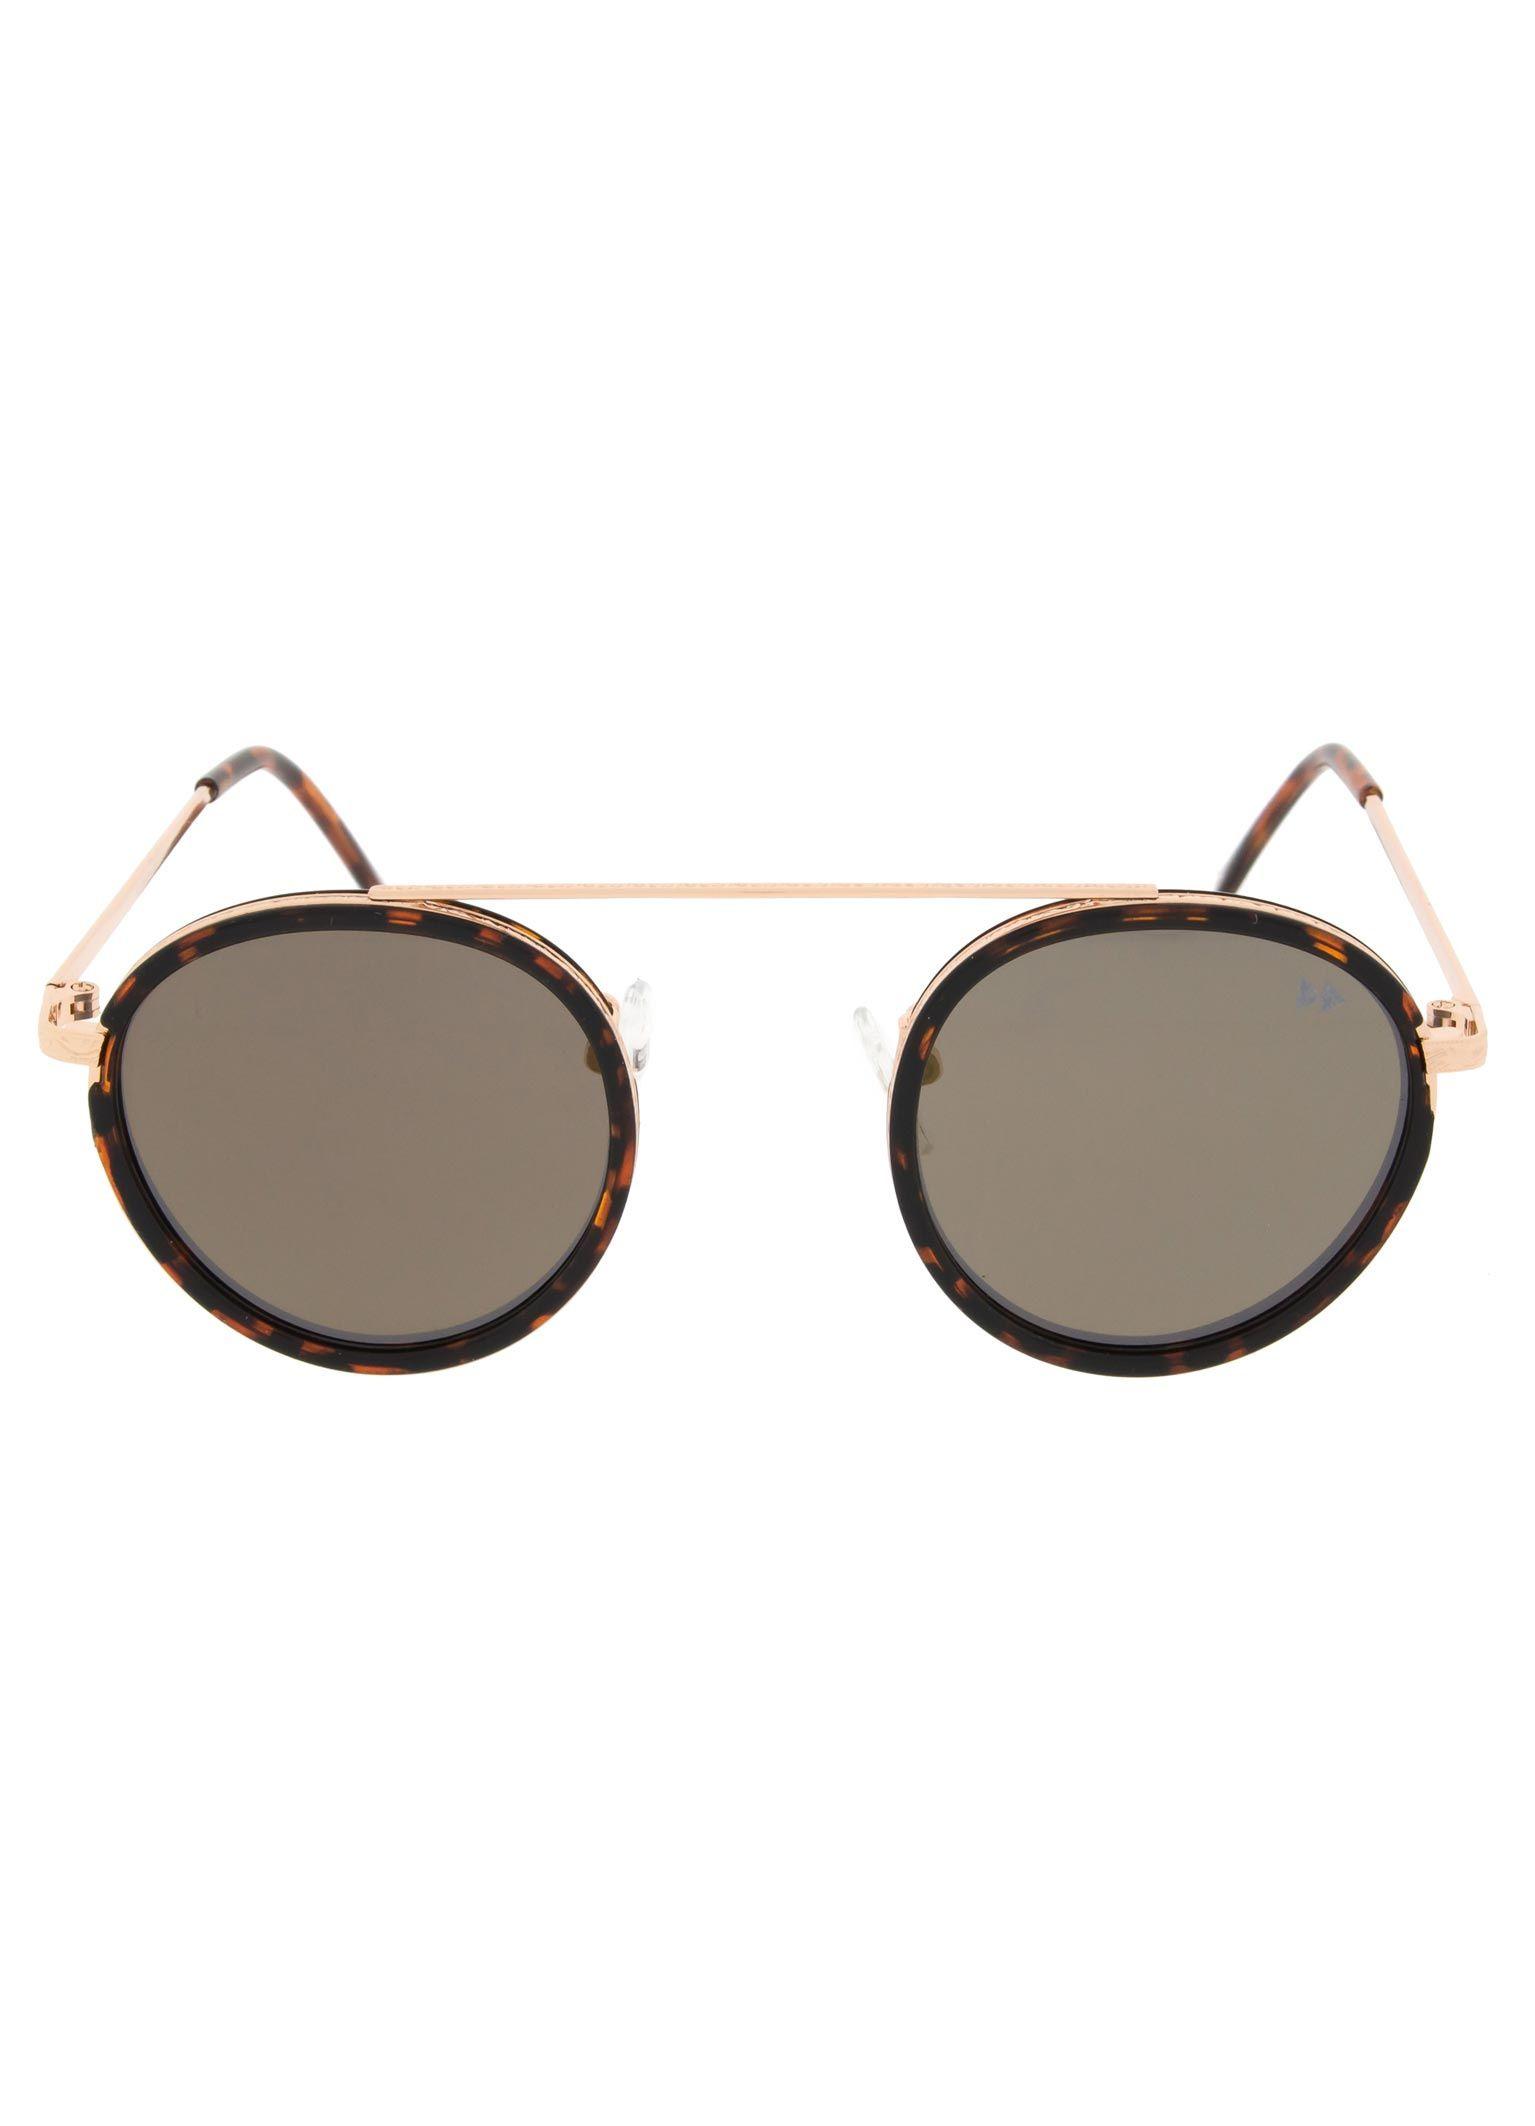 Afbeelding van Sunheroes Ocean Premium 2317 Zonnebril Pale Gold With Dark Brown